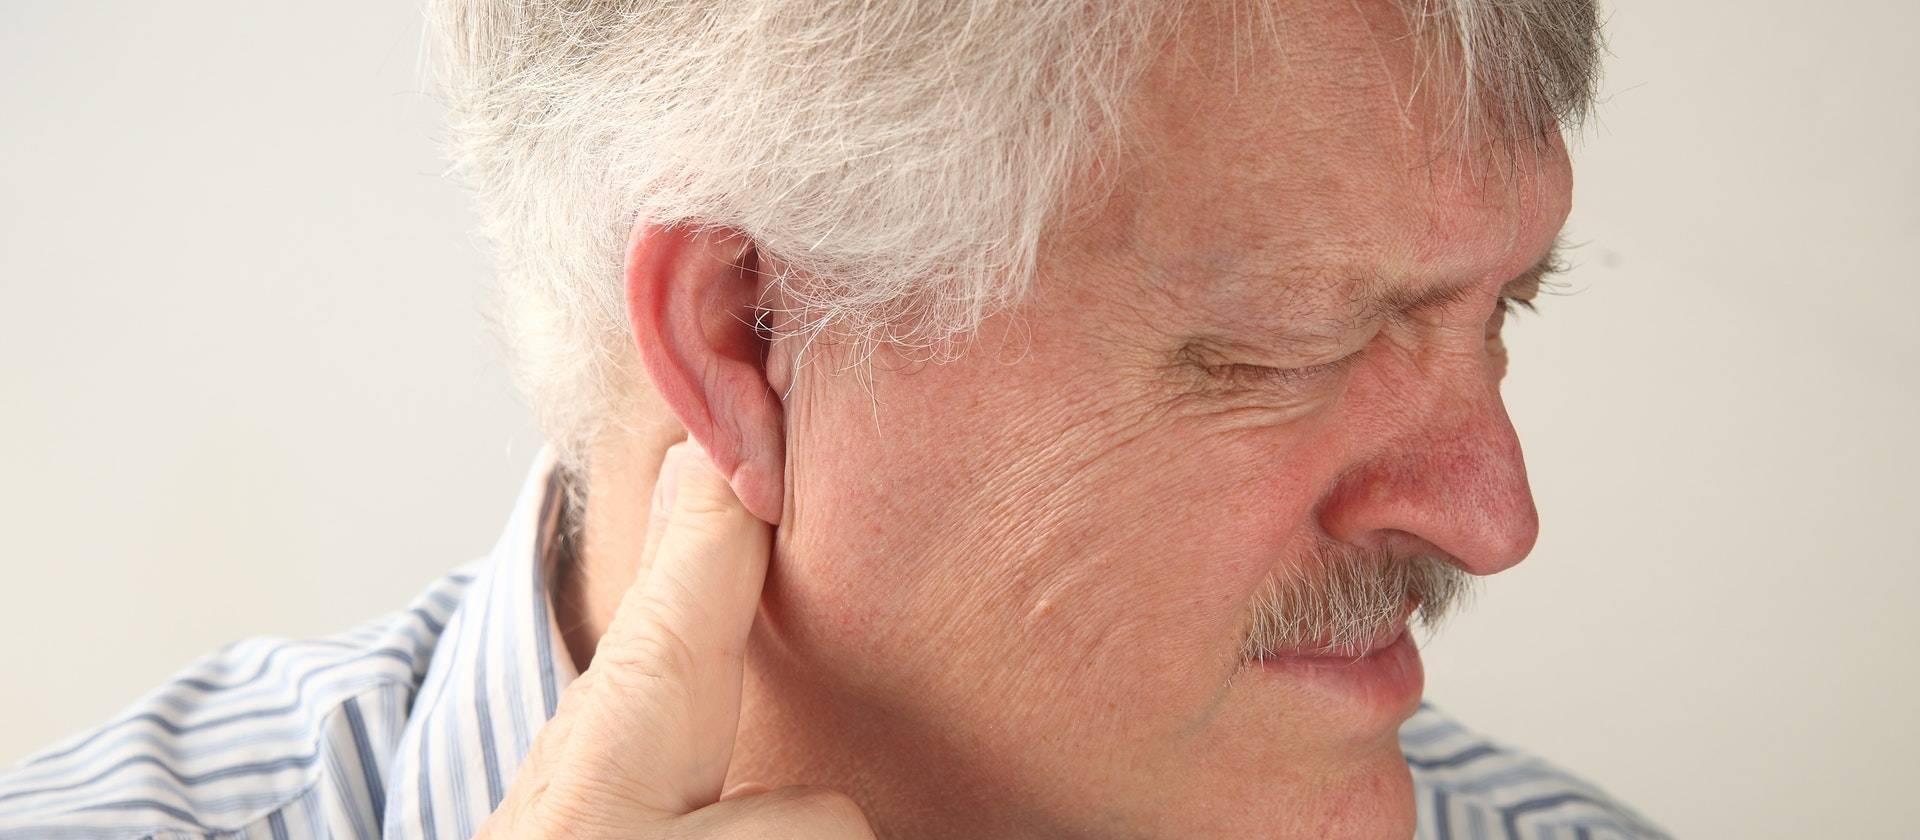 При жевании болит и отдает в ухо